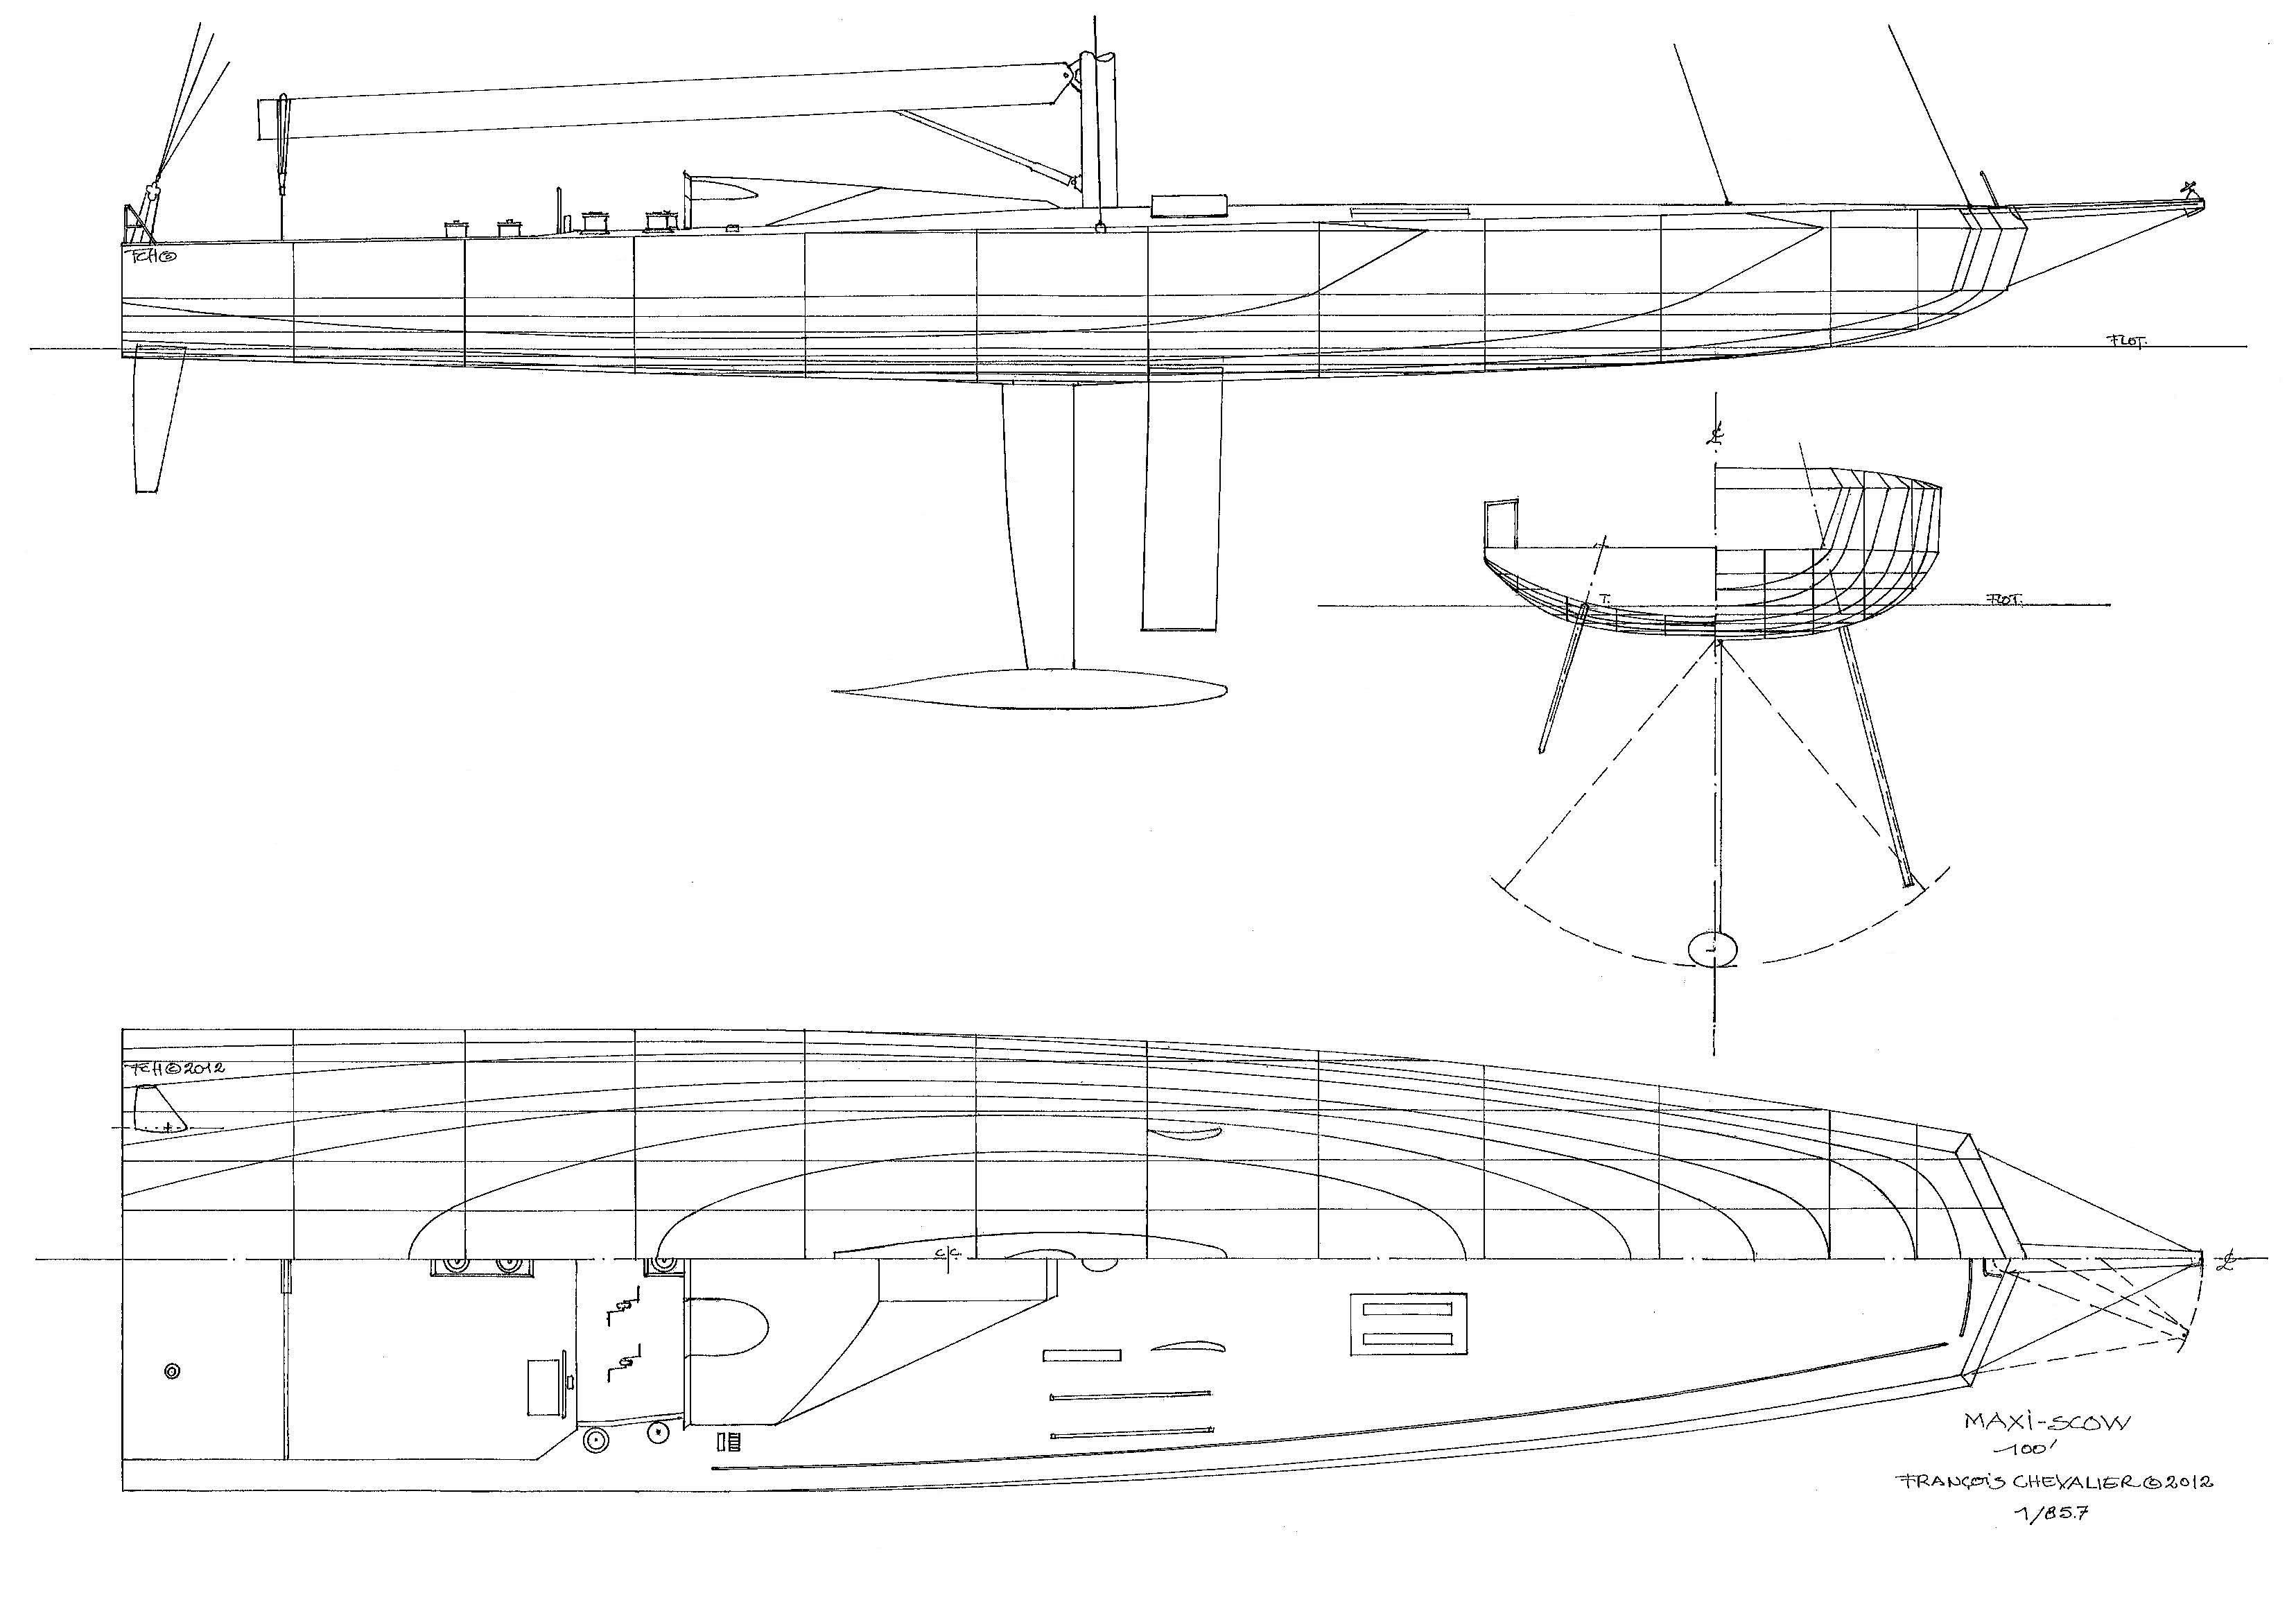 Donan Raven S Sailing Trivia Wallycento And Maxiscow